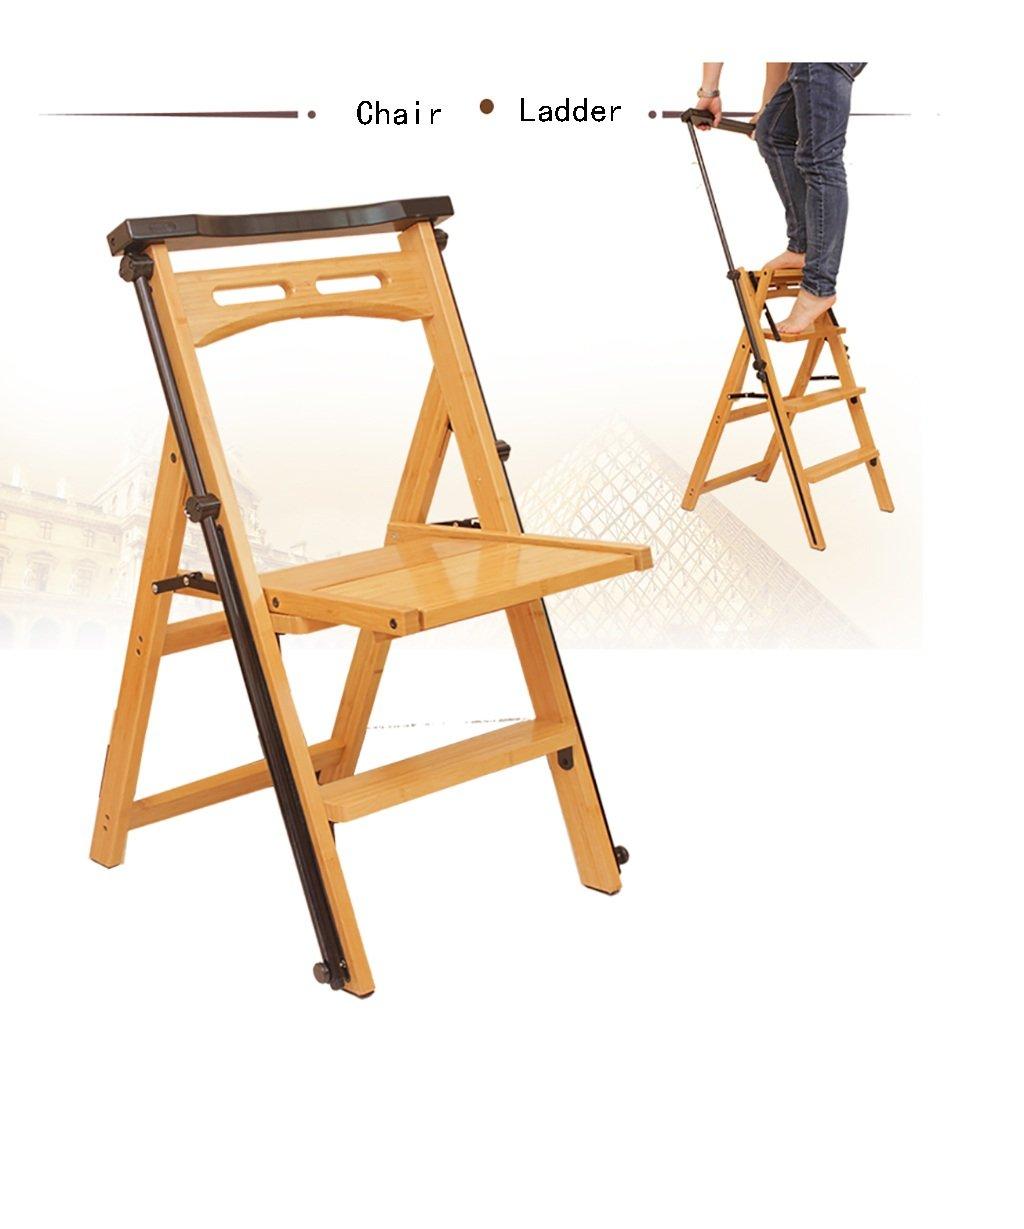 ZEMIN ステップスツール チェア 背もたれ折り畳み木製の椅子ヘリンボーンはしご伸縮性のある動く階段、Burlywood、43 * 60 * 85CM (サイズ さいず : 43*60*85CM) B0791B5YBV  43*60*85CM